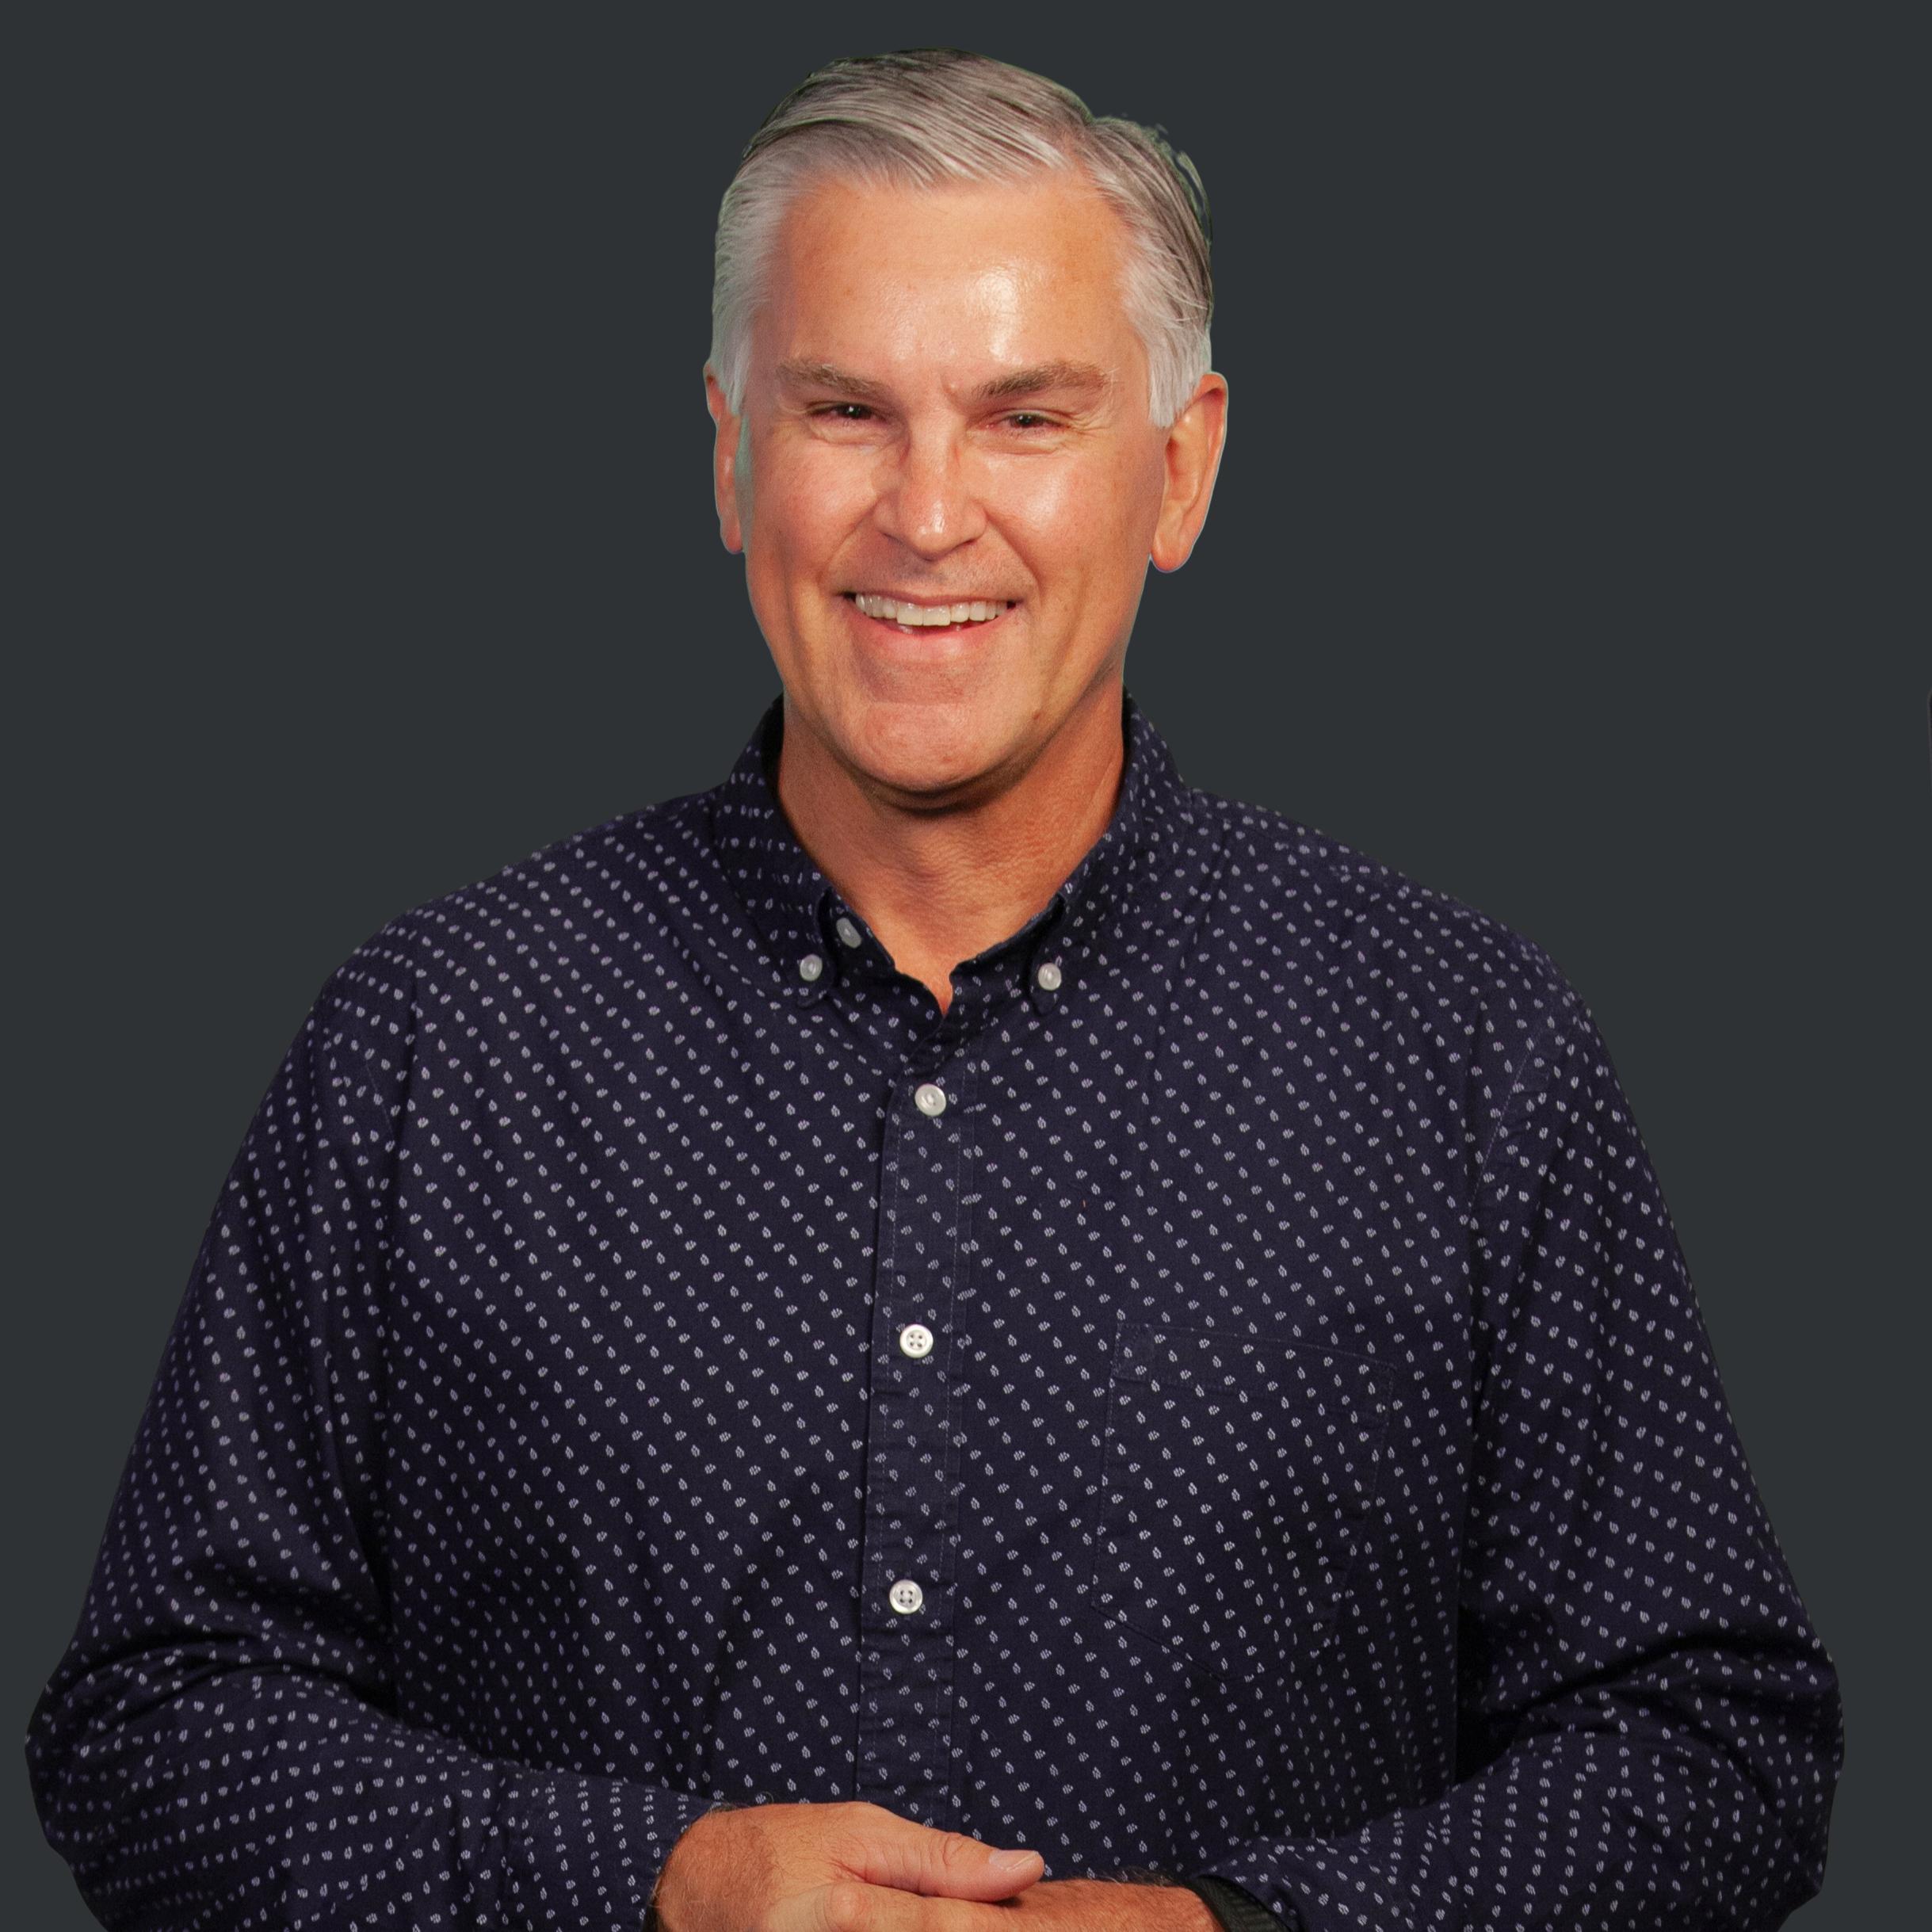 Scott Schneider President & CEO